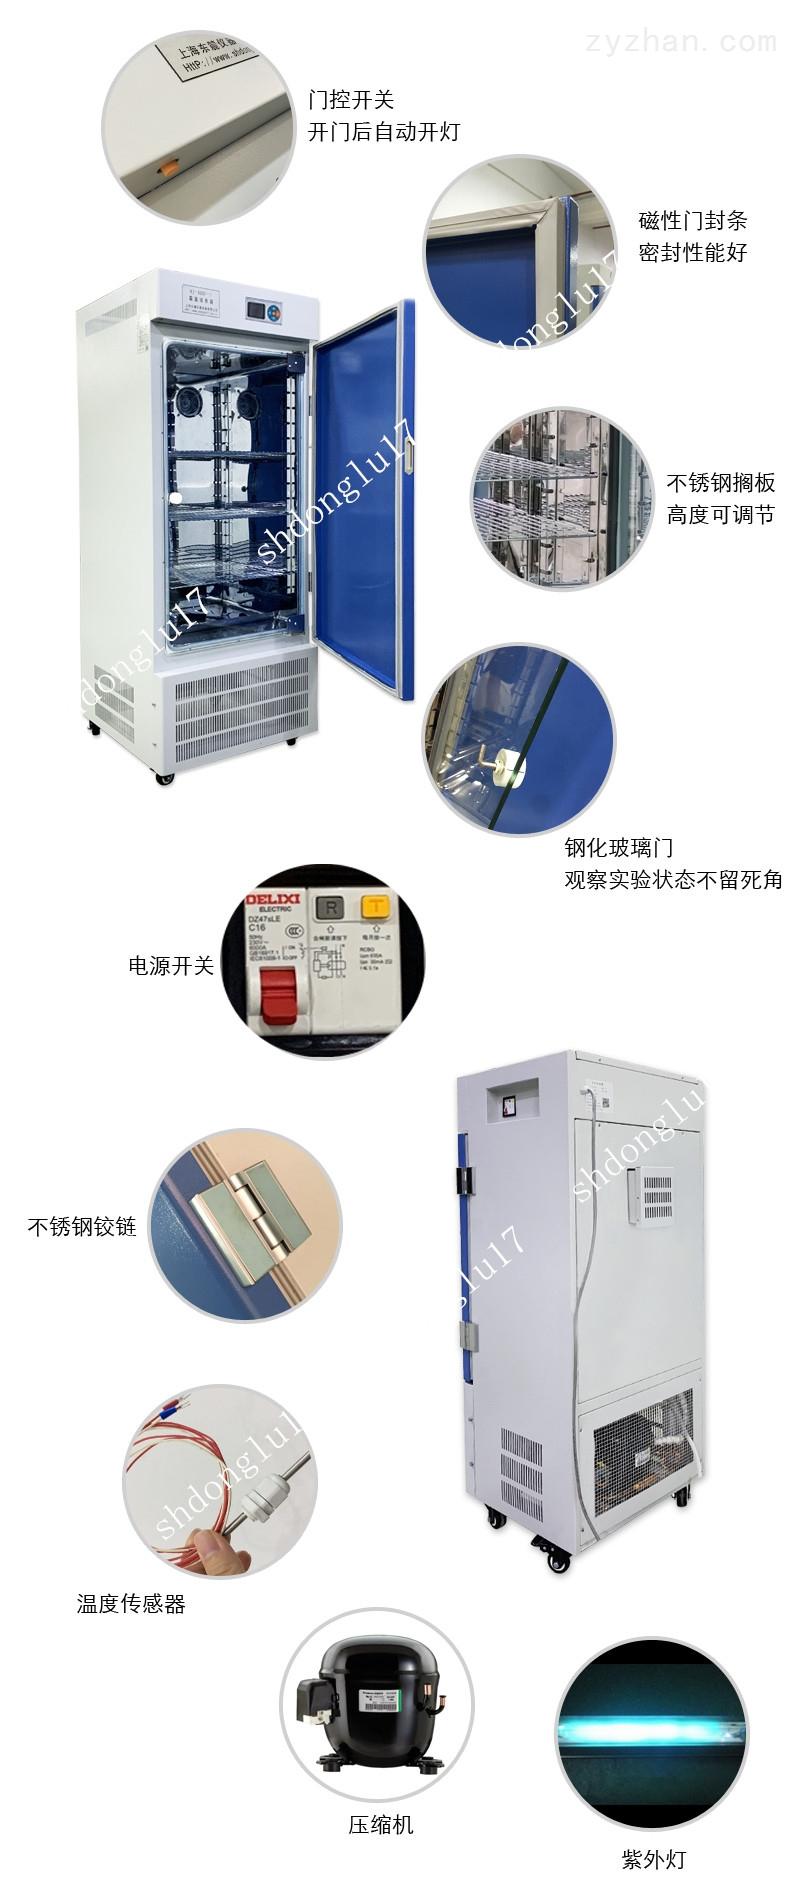 70L,100L霉菌培养箱详情_副本.jpg